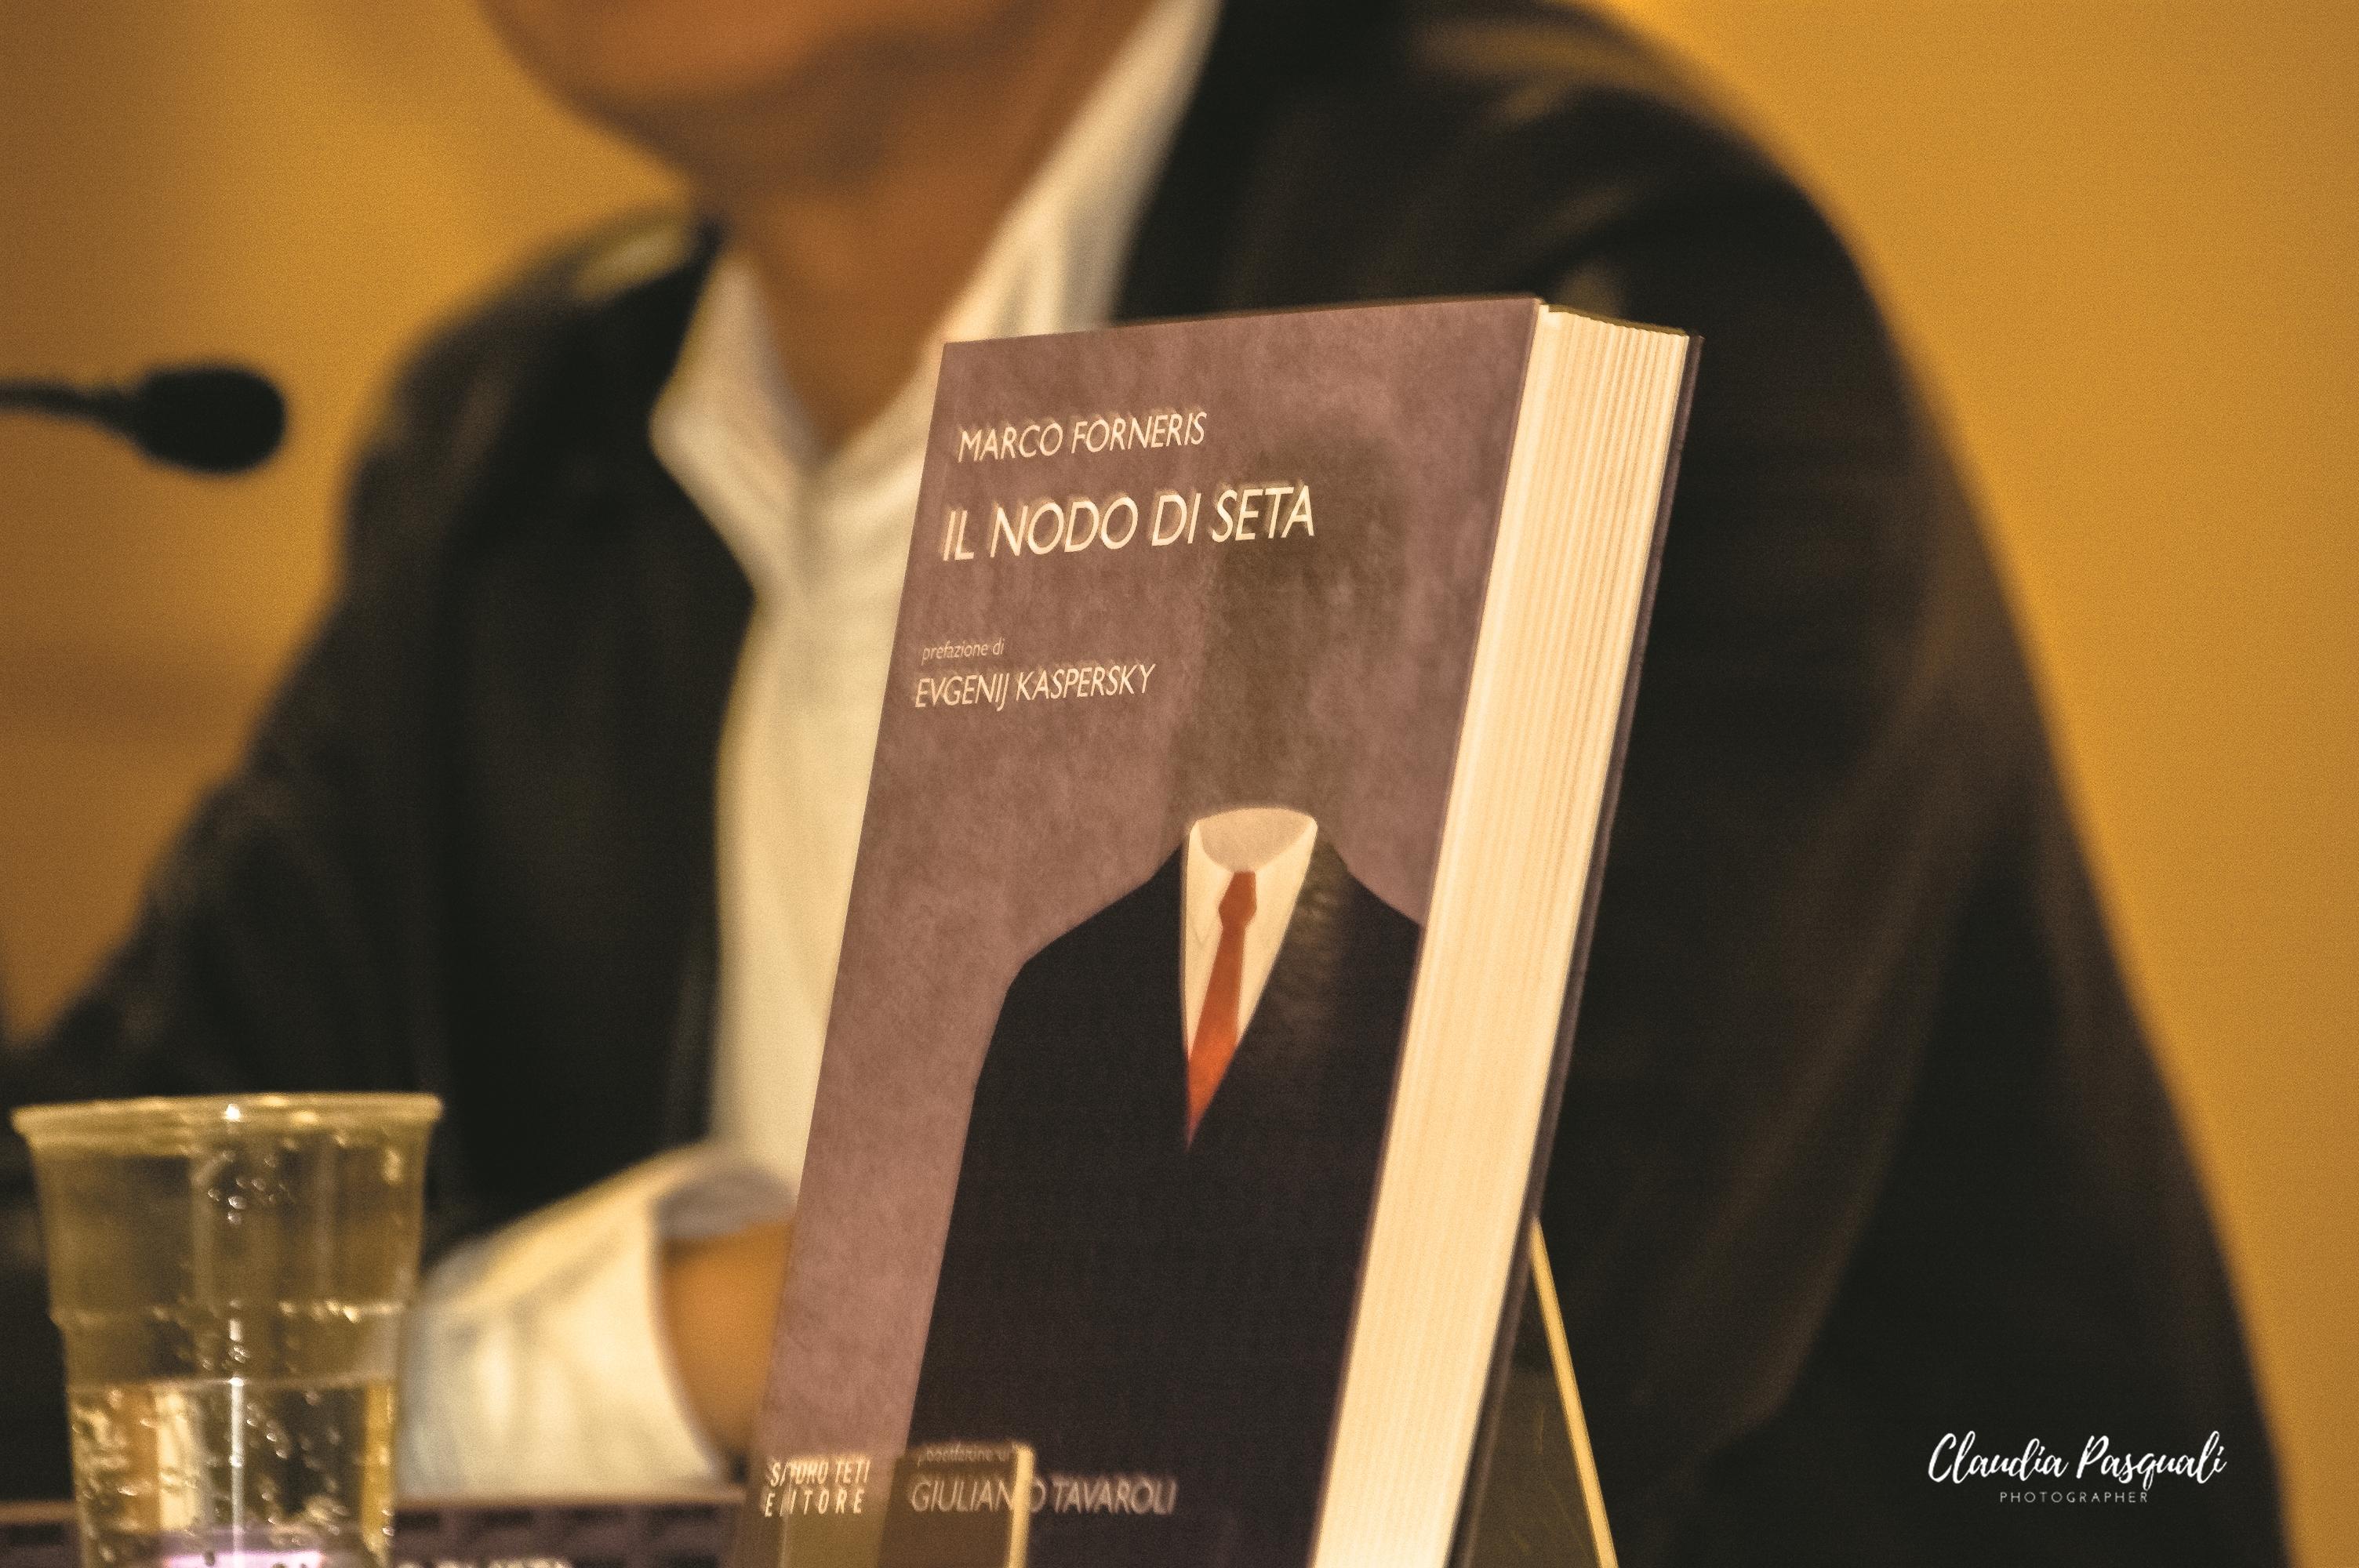 """Presentazione del libro di Marco Forneris """"Il nodo di seta"""" a Più Libri Più Liberi."""